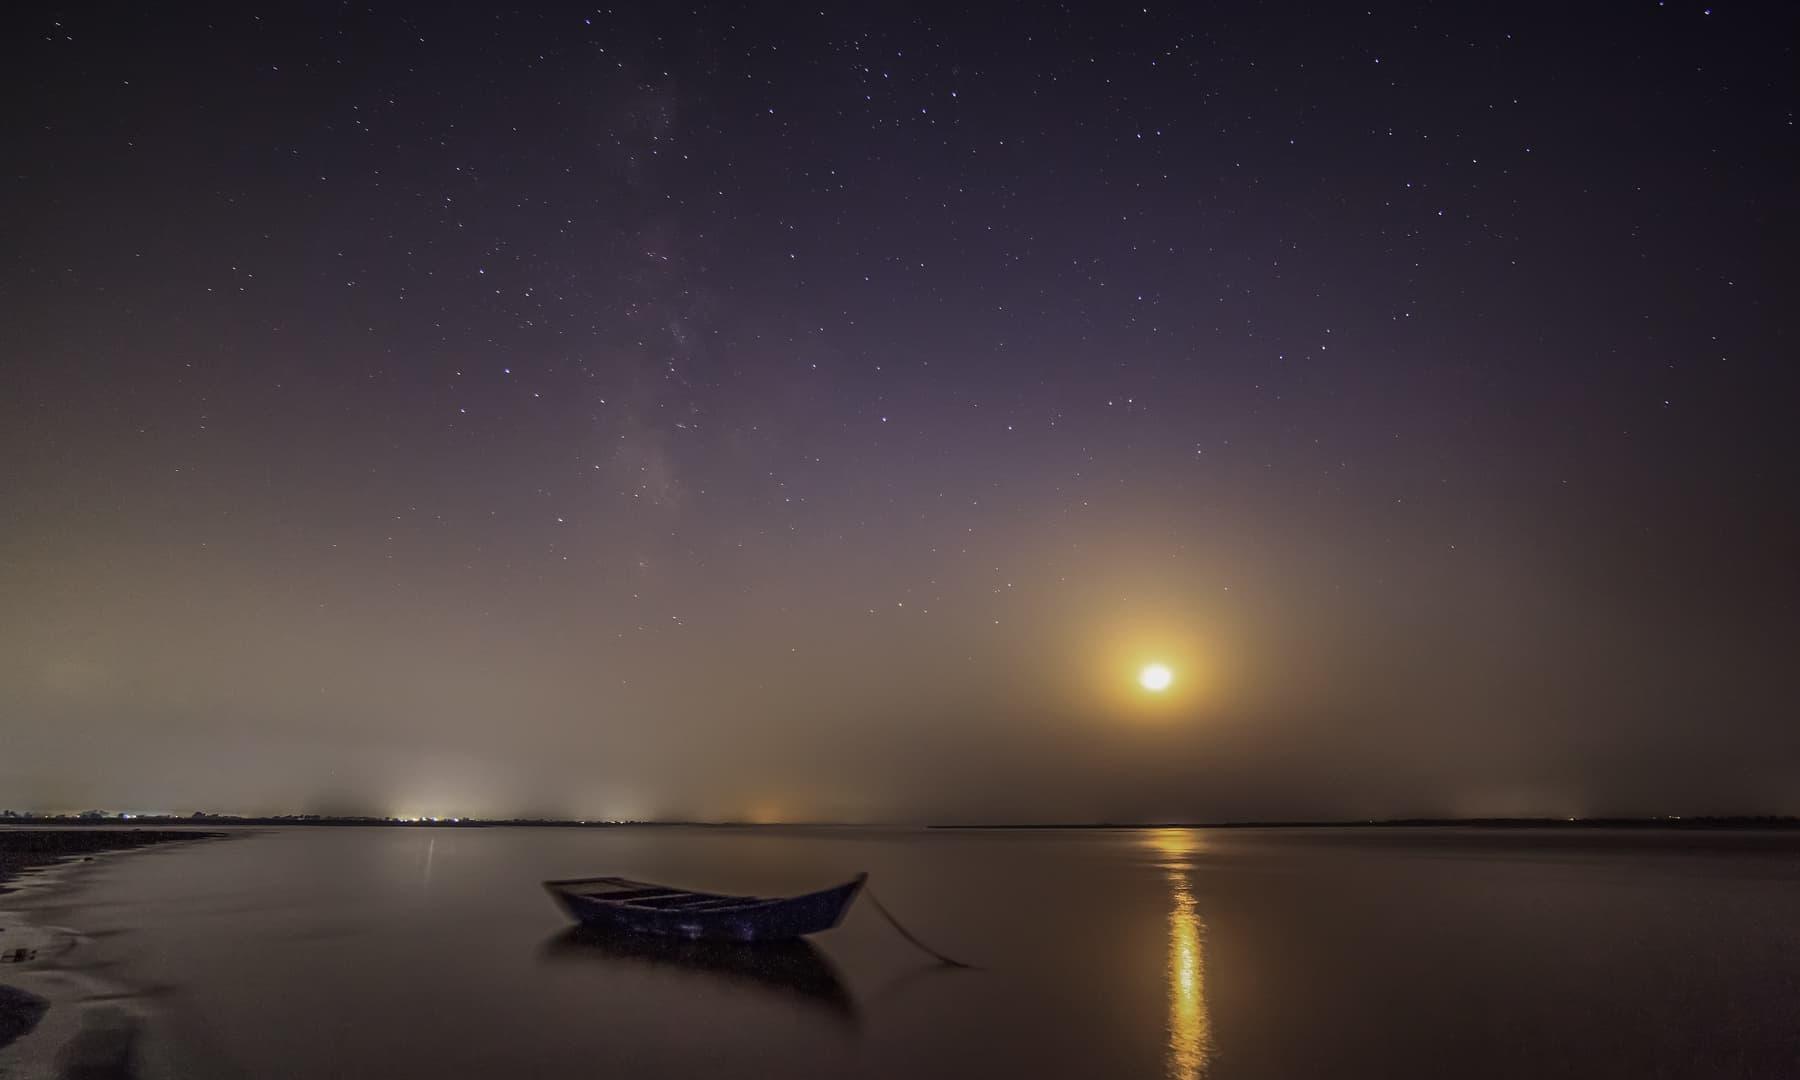 چناب، چاند، اور کہکشاں.— فوٹو سید مہدی بخاری۔